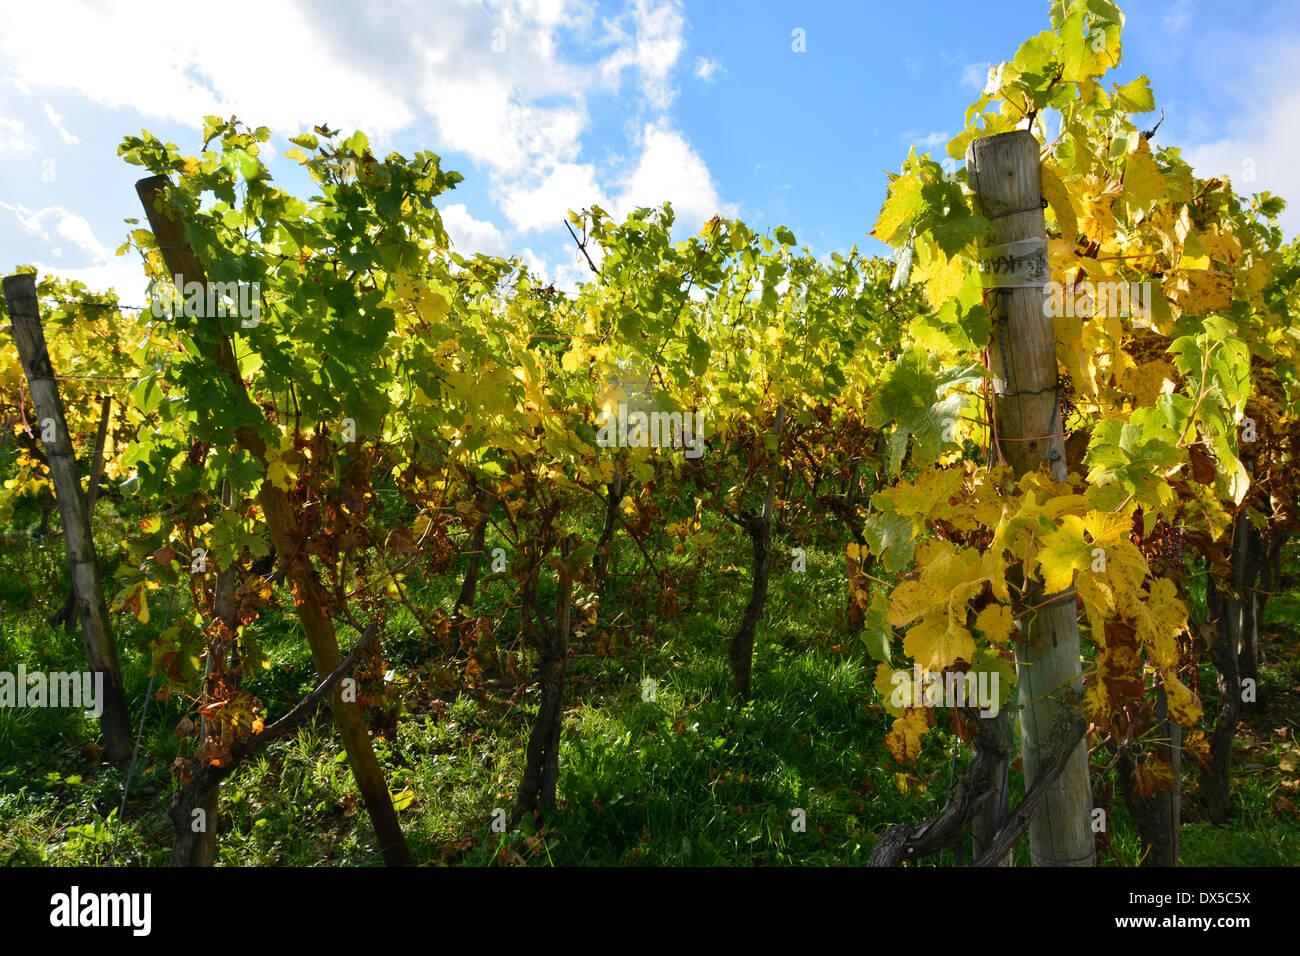 autumn leaves in vineyard harvest landscape blue sky Moselle Germany Herbstlaub im Weinberg bei blauem Himmel und Sonnenschein Stock Photo